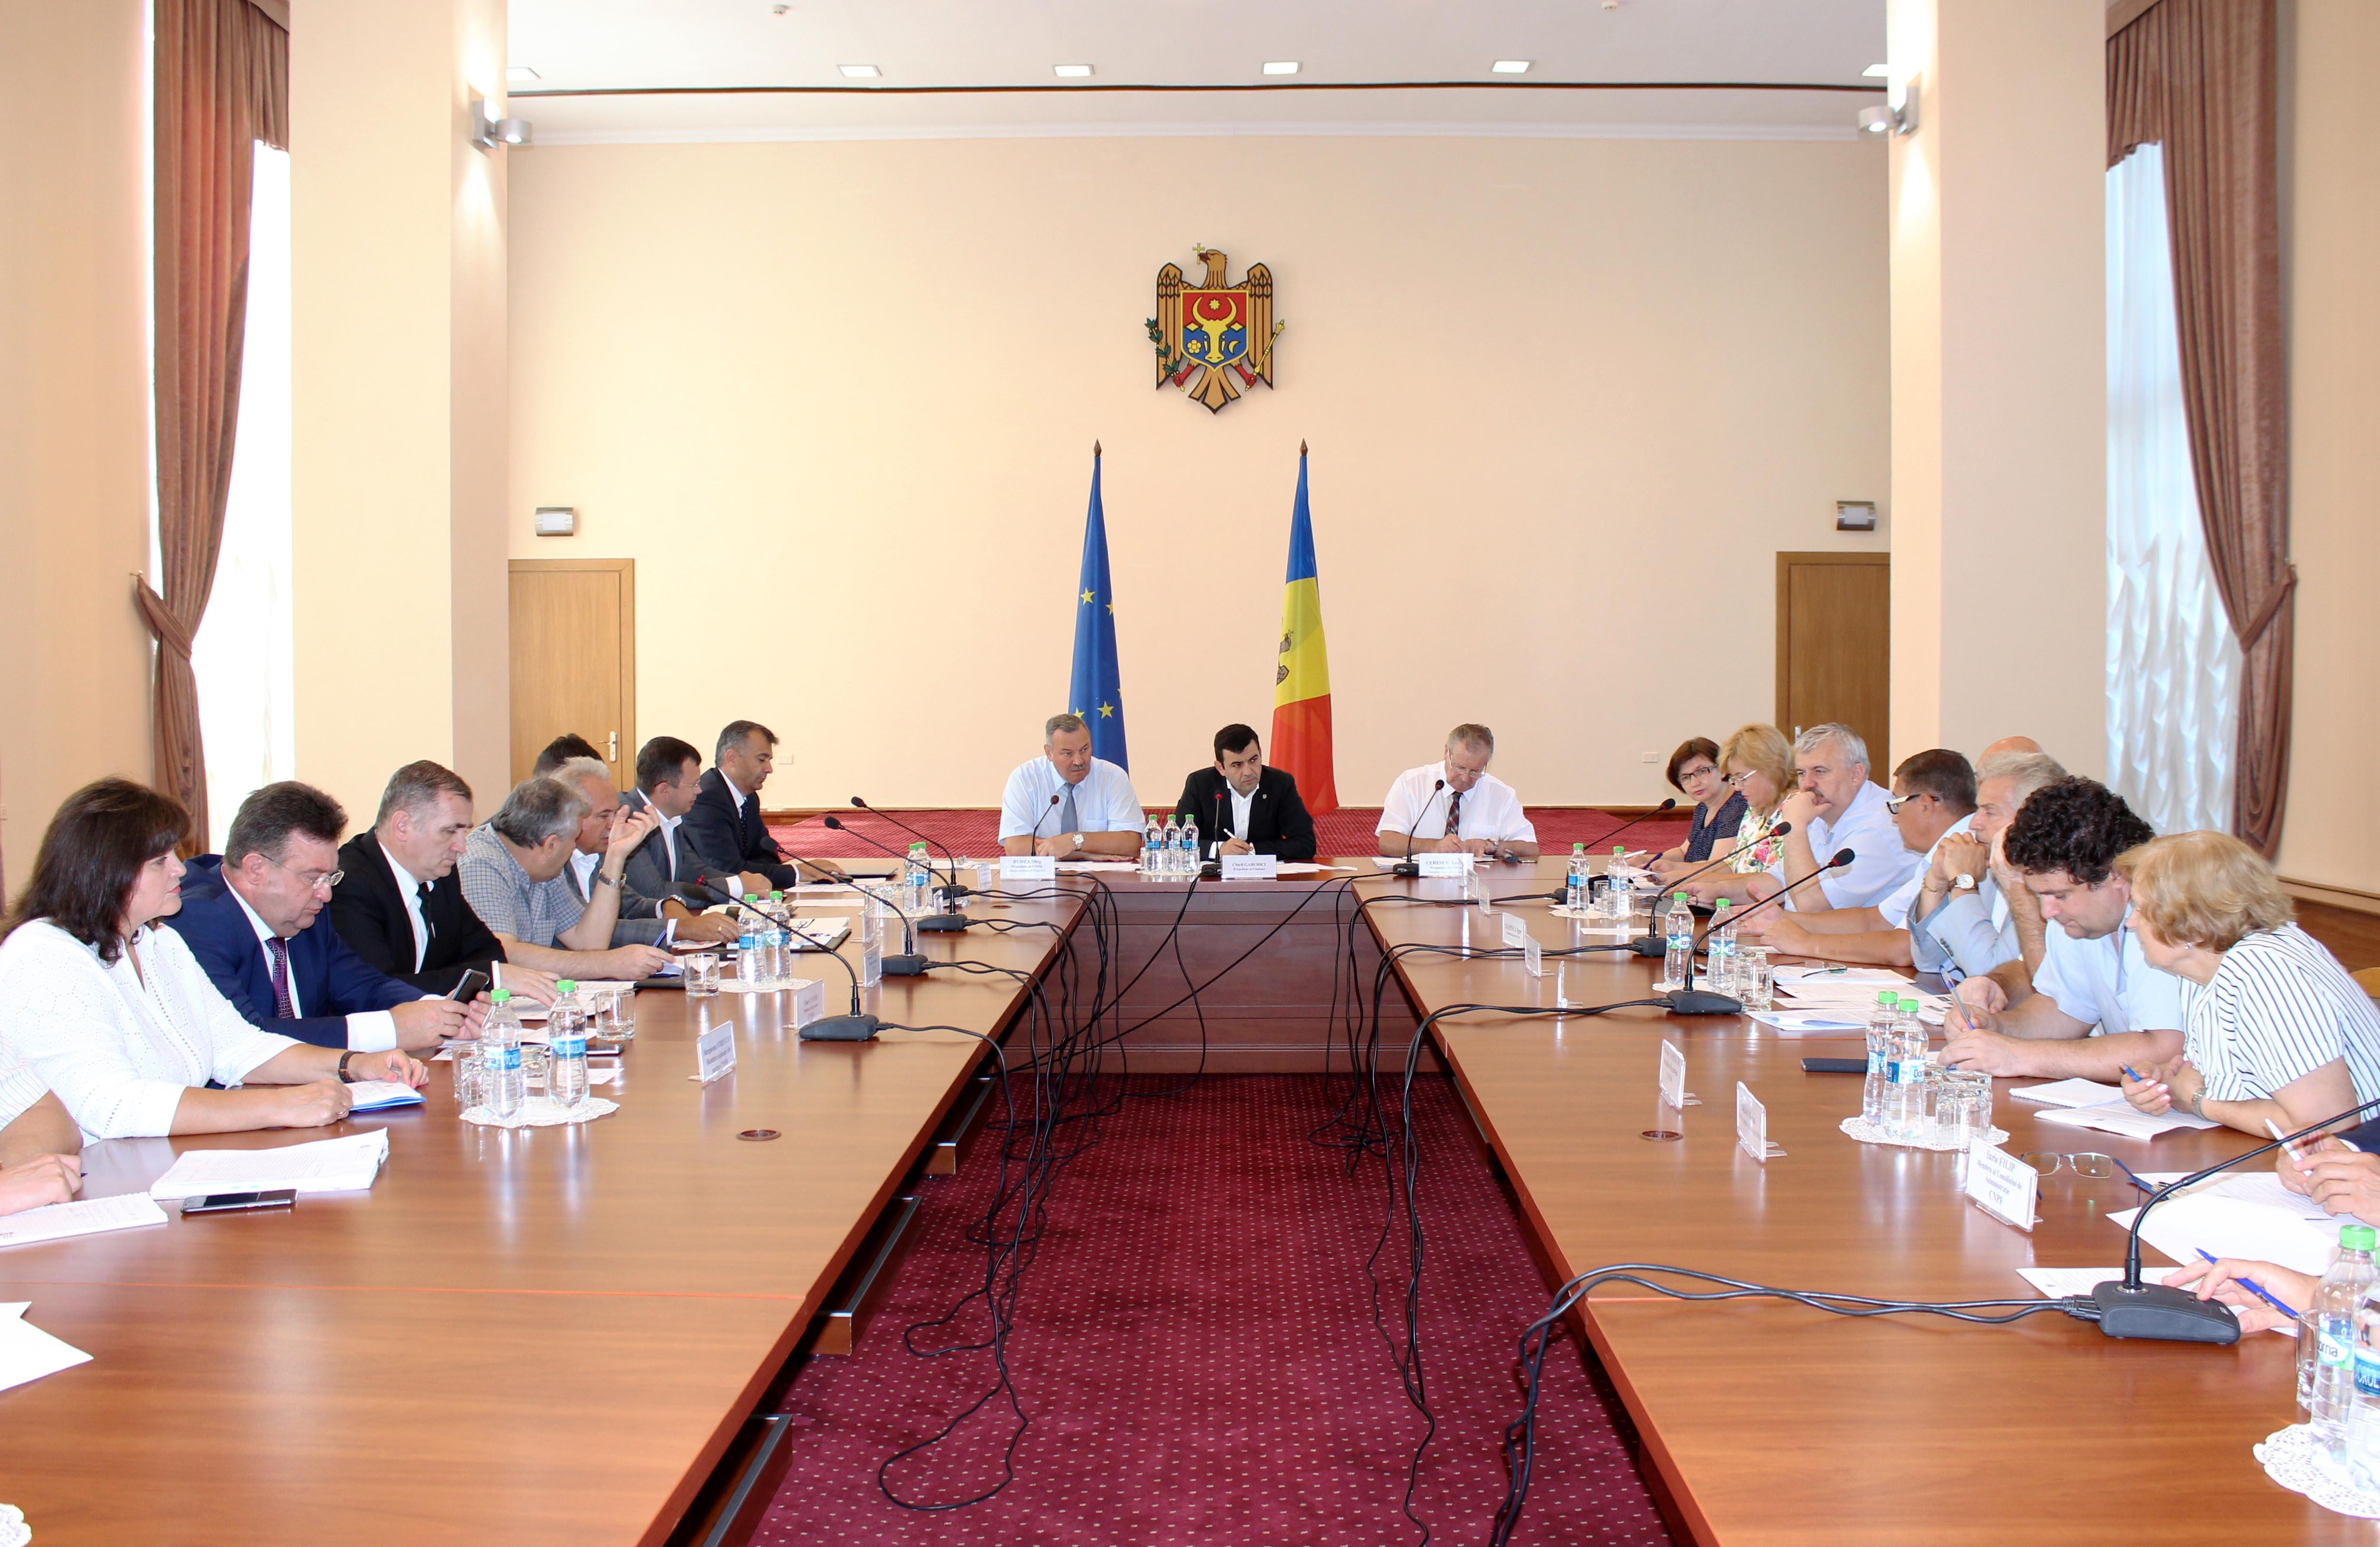 La 31 iulie a avut loc ședința ordinară a Comisiei naționale pentru consultări și negocieri colective